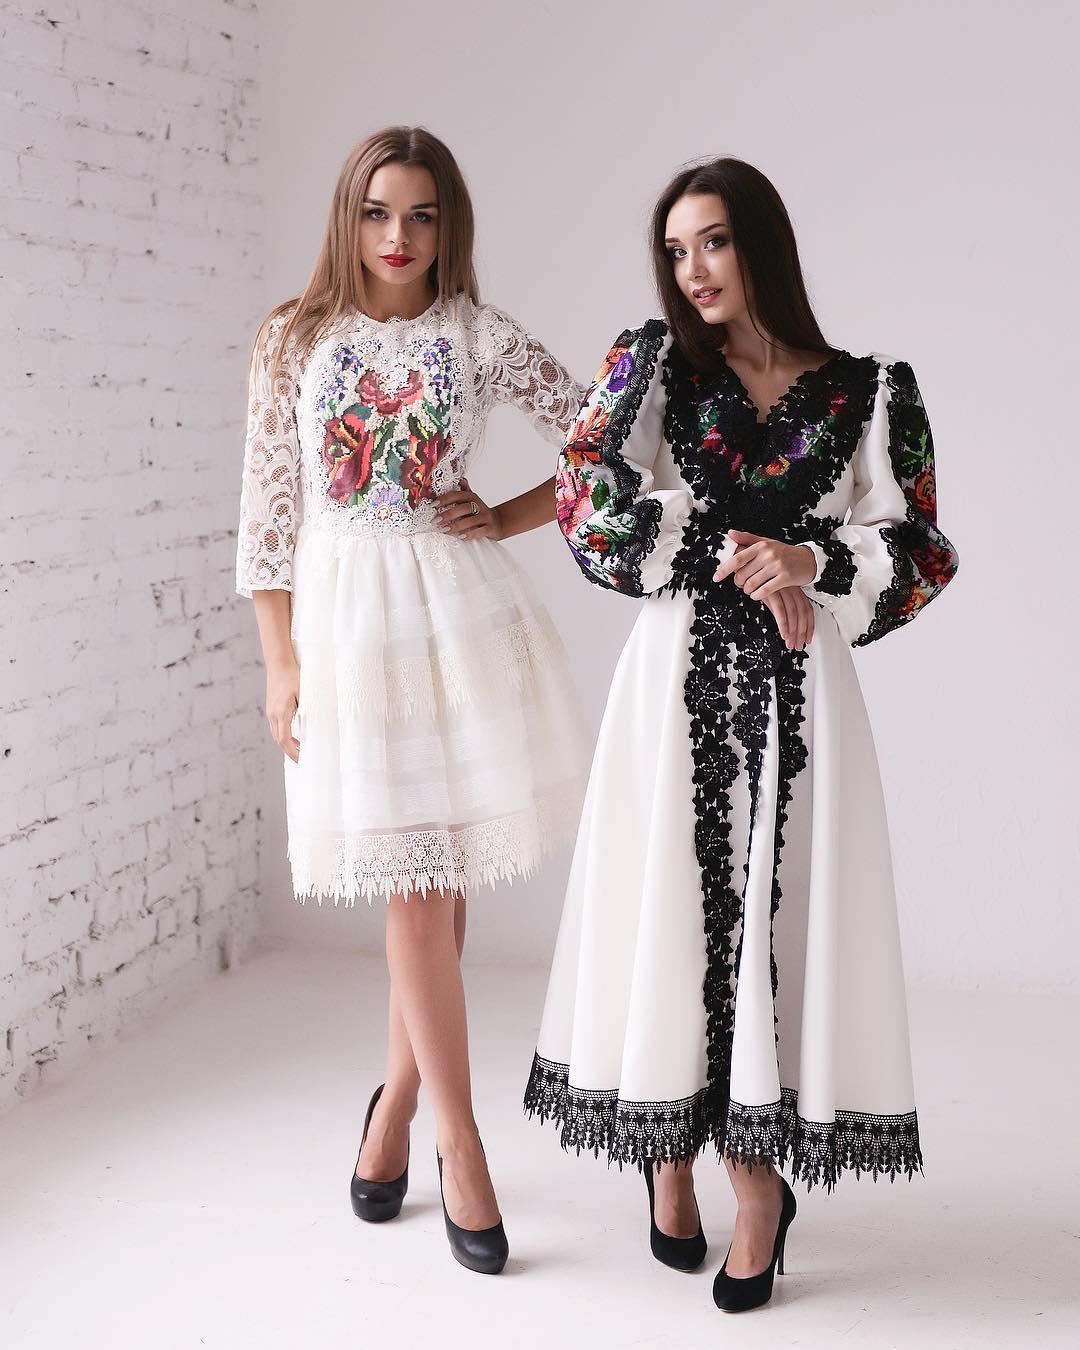 f7295f9391ad80 Традиційна вишивка та мереживо: неймовірні сукні від Murashka_design ...